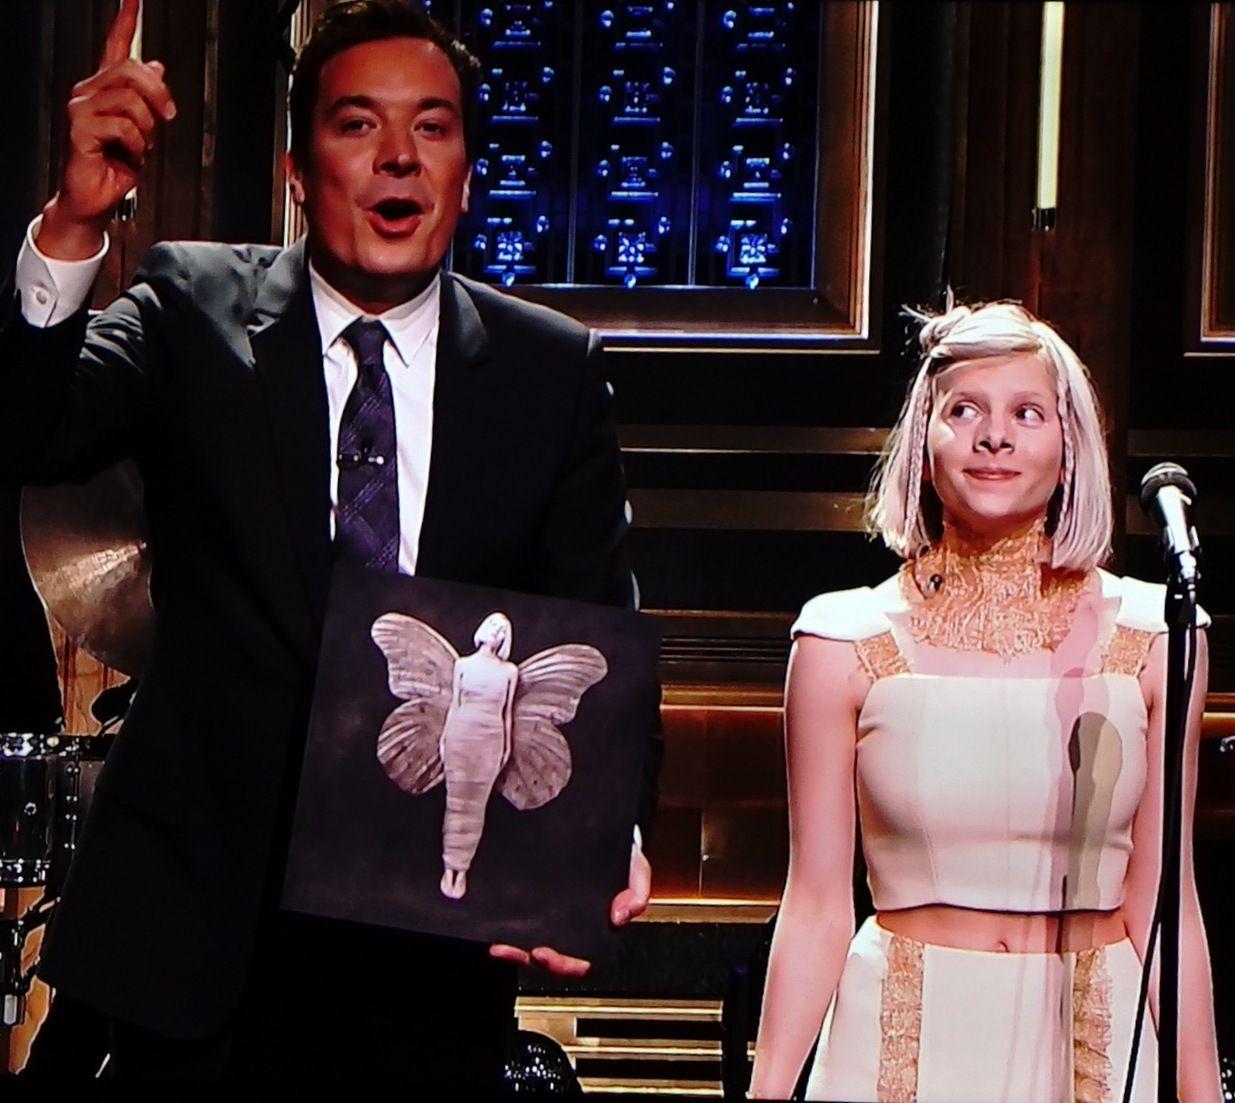 TV-STJERNE: Aurora Aksnes vakte oppsikt med sin opptreden hos Jimmy Fallon. Foto: PETROLEUM